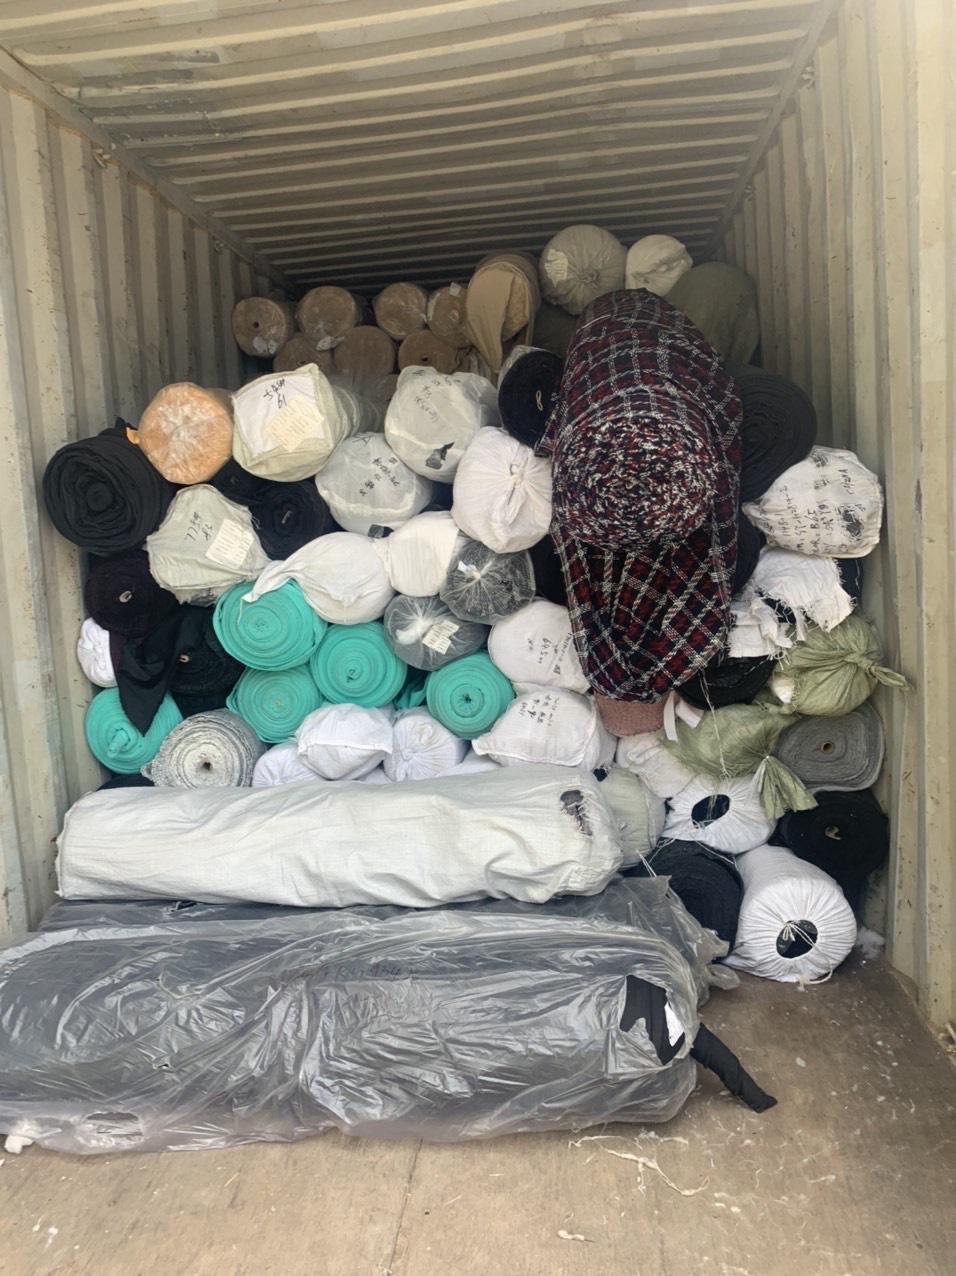 Phát hiện kho hàng chứa hơn 80 tấn vải cuộn không rõ nguồn gốc xuất xứ - Ảnh 1.